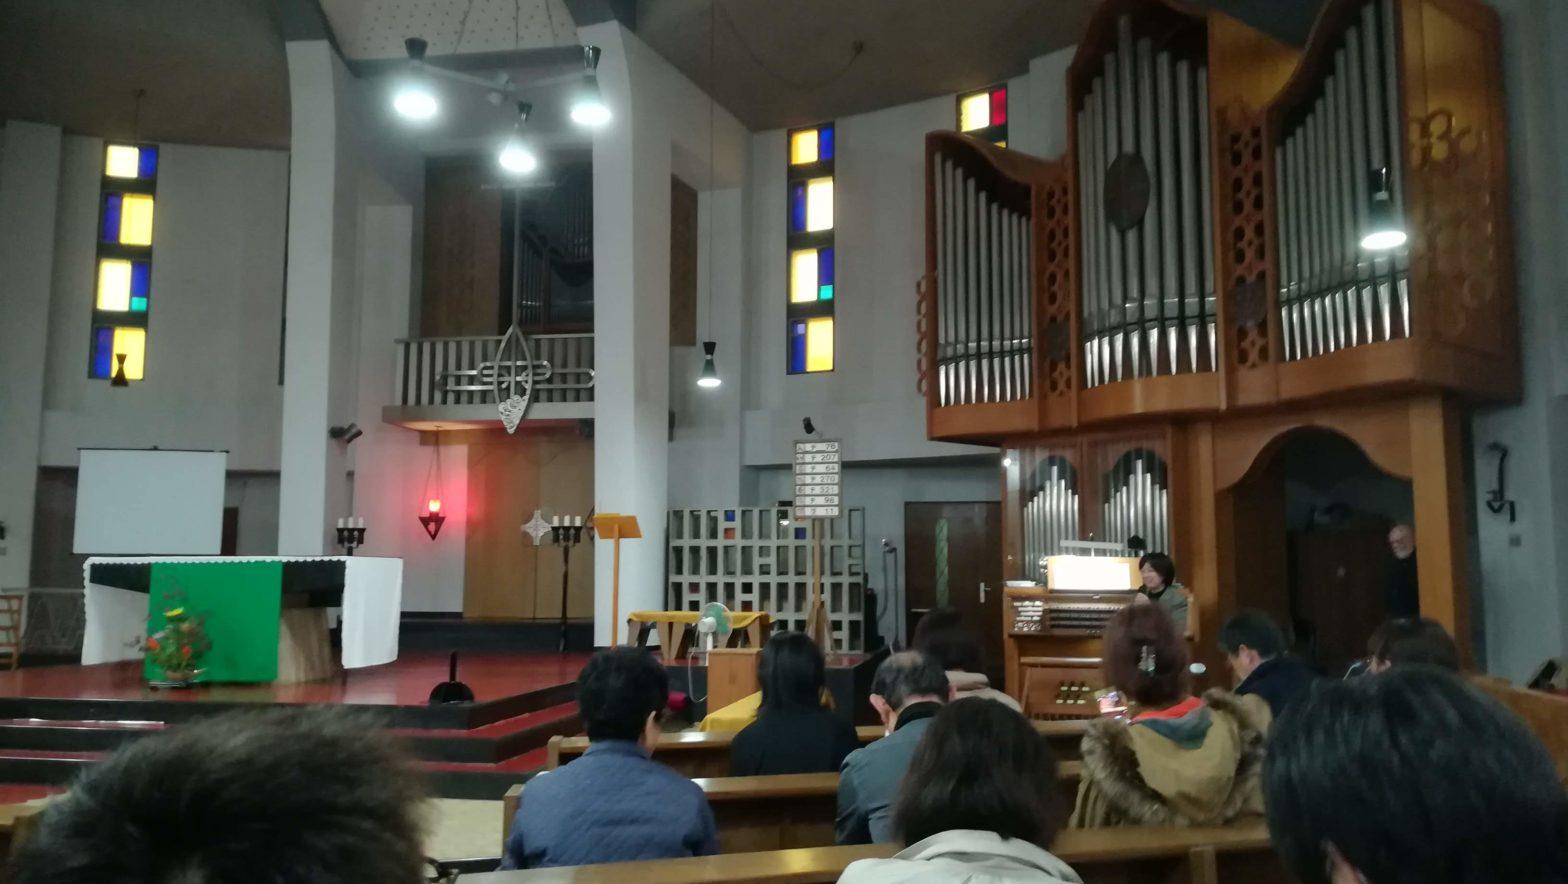 名古屋オルガンの秋 名古屋の 中村区 の カトリック五反城教会